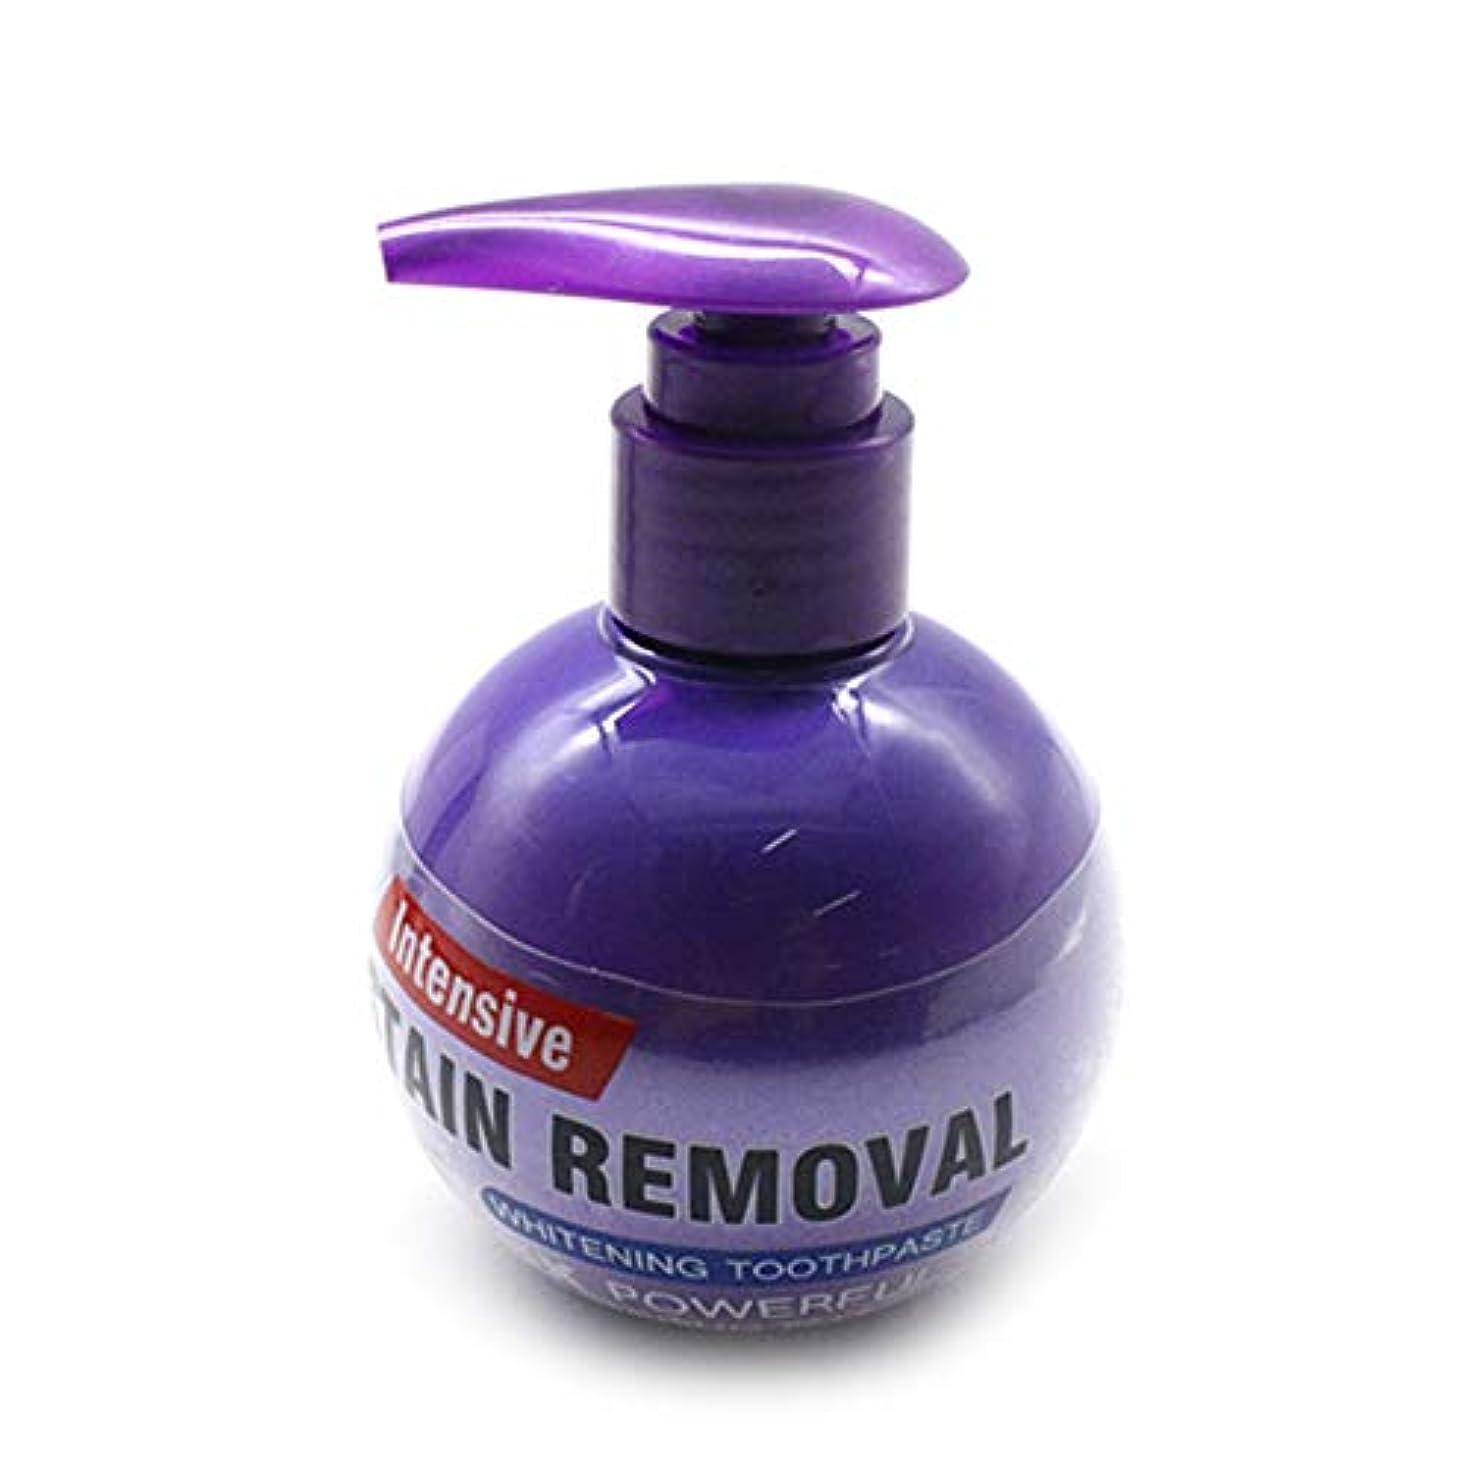 Beaurtty強力な洗剤、新しい歯磨き粉の美白、抗出血ガム、歯磨き粉、歯